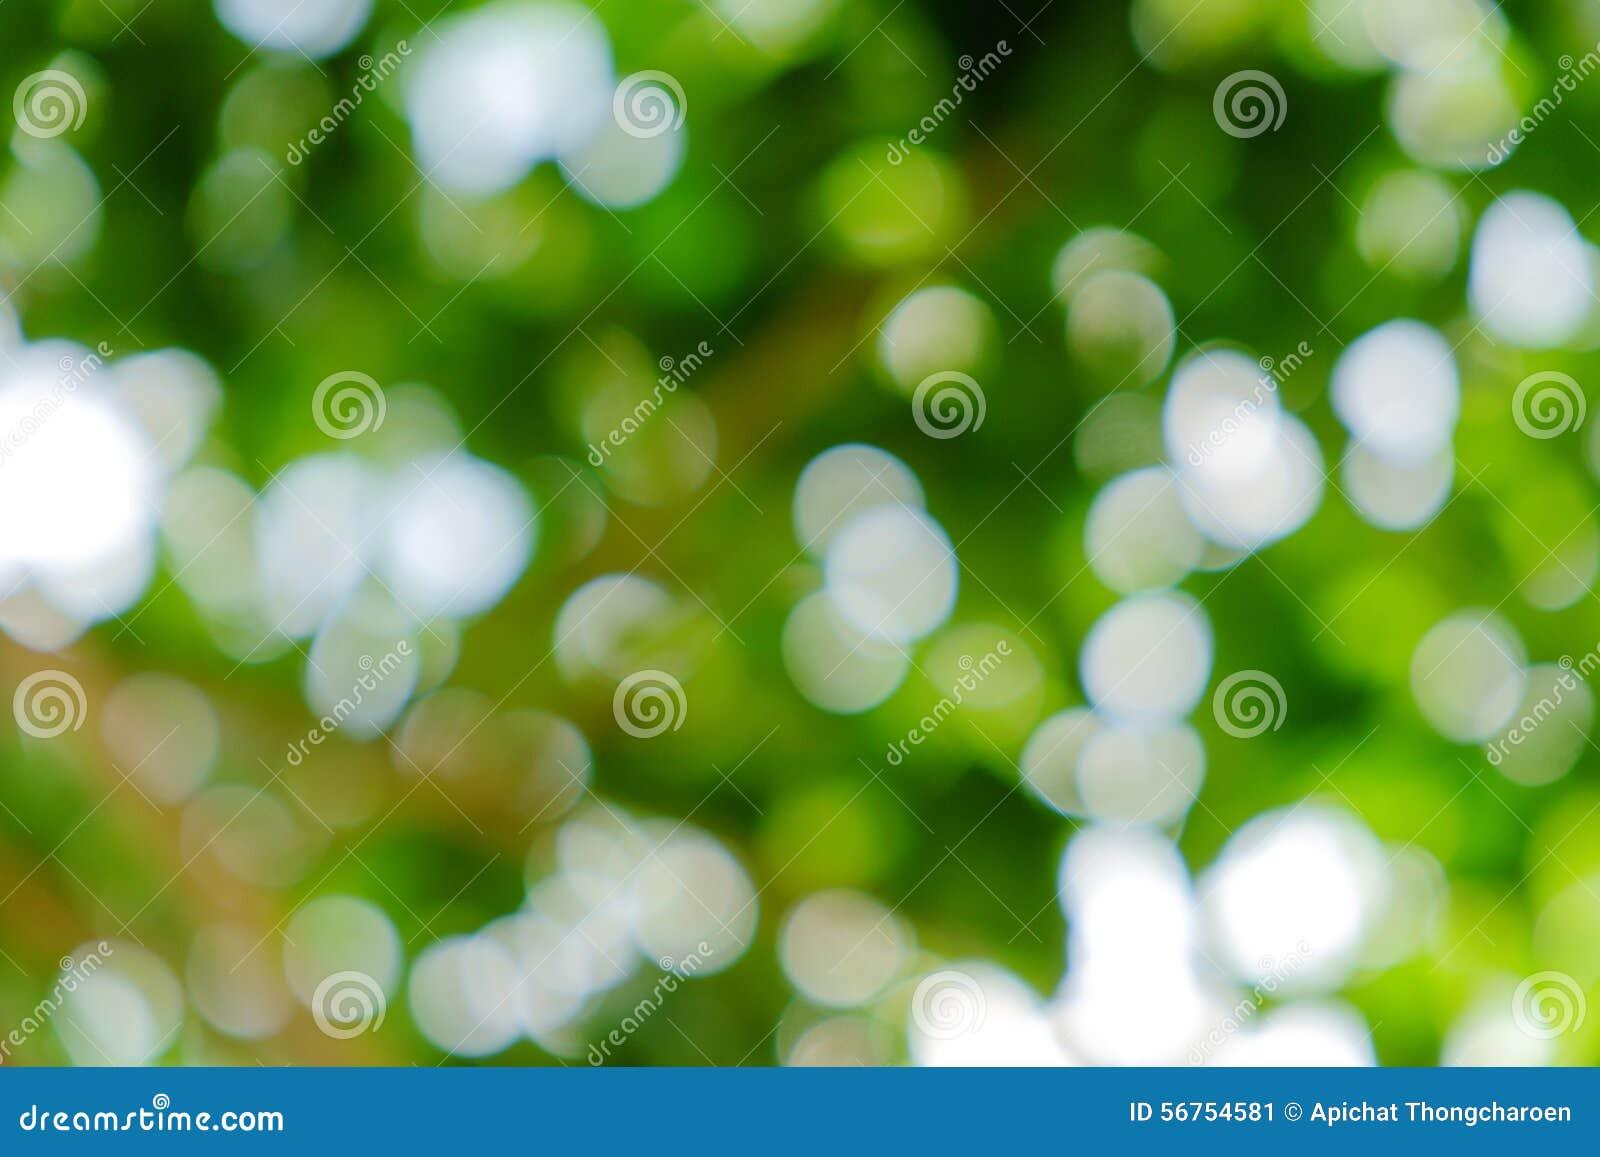 Зеленая естественная предпосылка из дерева или bokeh фокуса